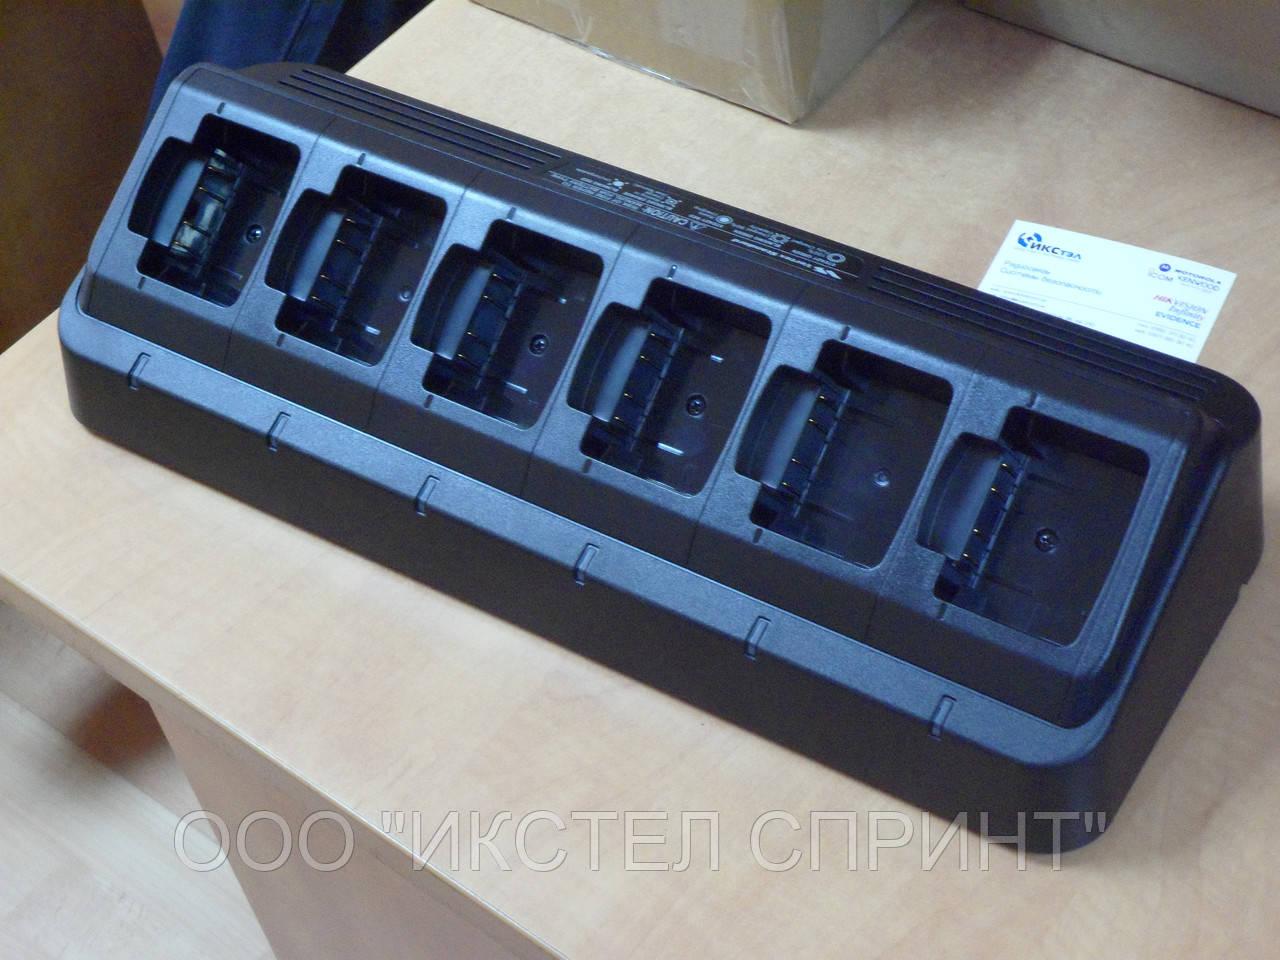 VAC-6058 (GMLN5392A) — 6-ти позиционное зарядное устройство для FNB-V132, фото 1